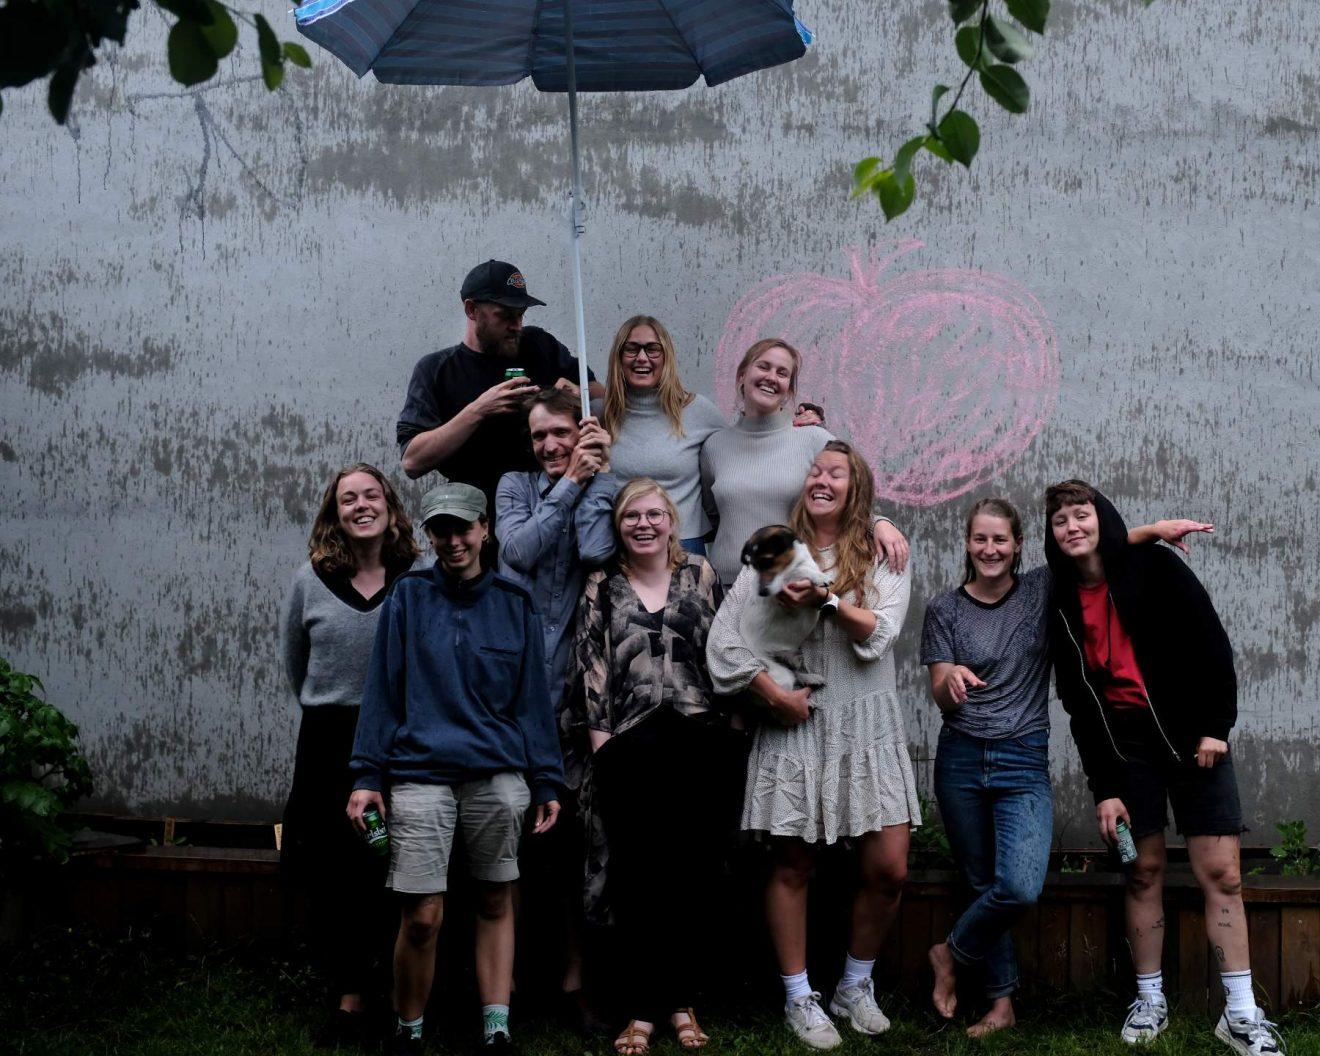 Team TagTomat ano juni 2020 til sommerfest i regnvejr